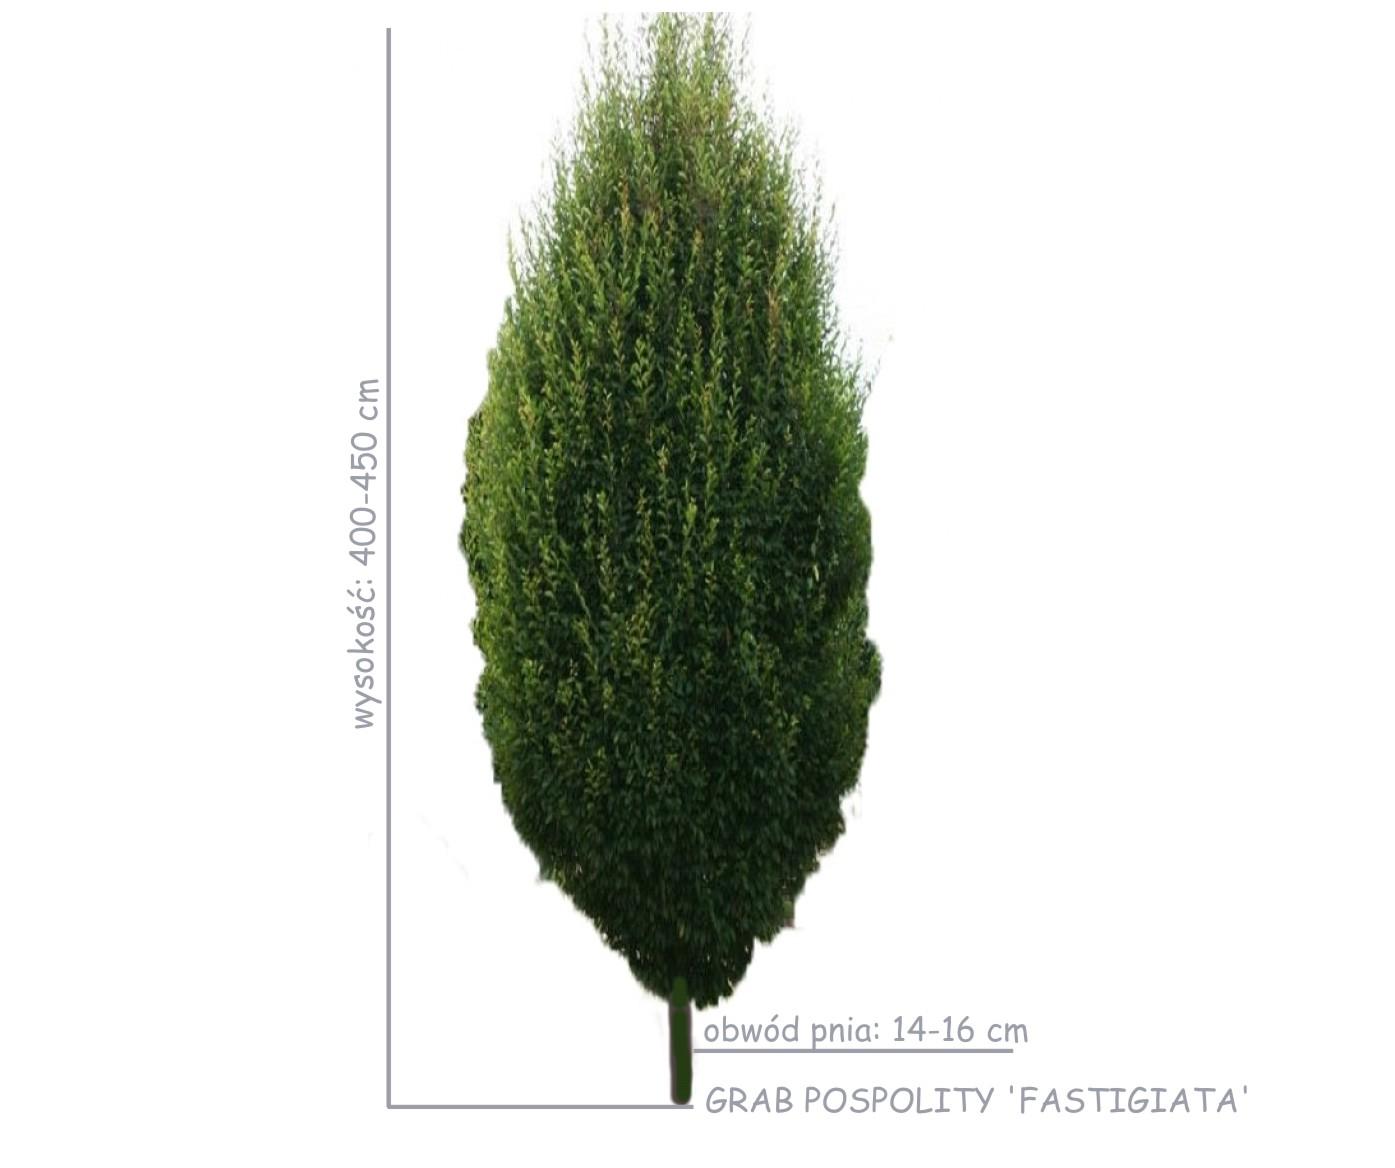 grab pospolity fastigiata - sadzonka o obwodzie 14-16 cm